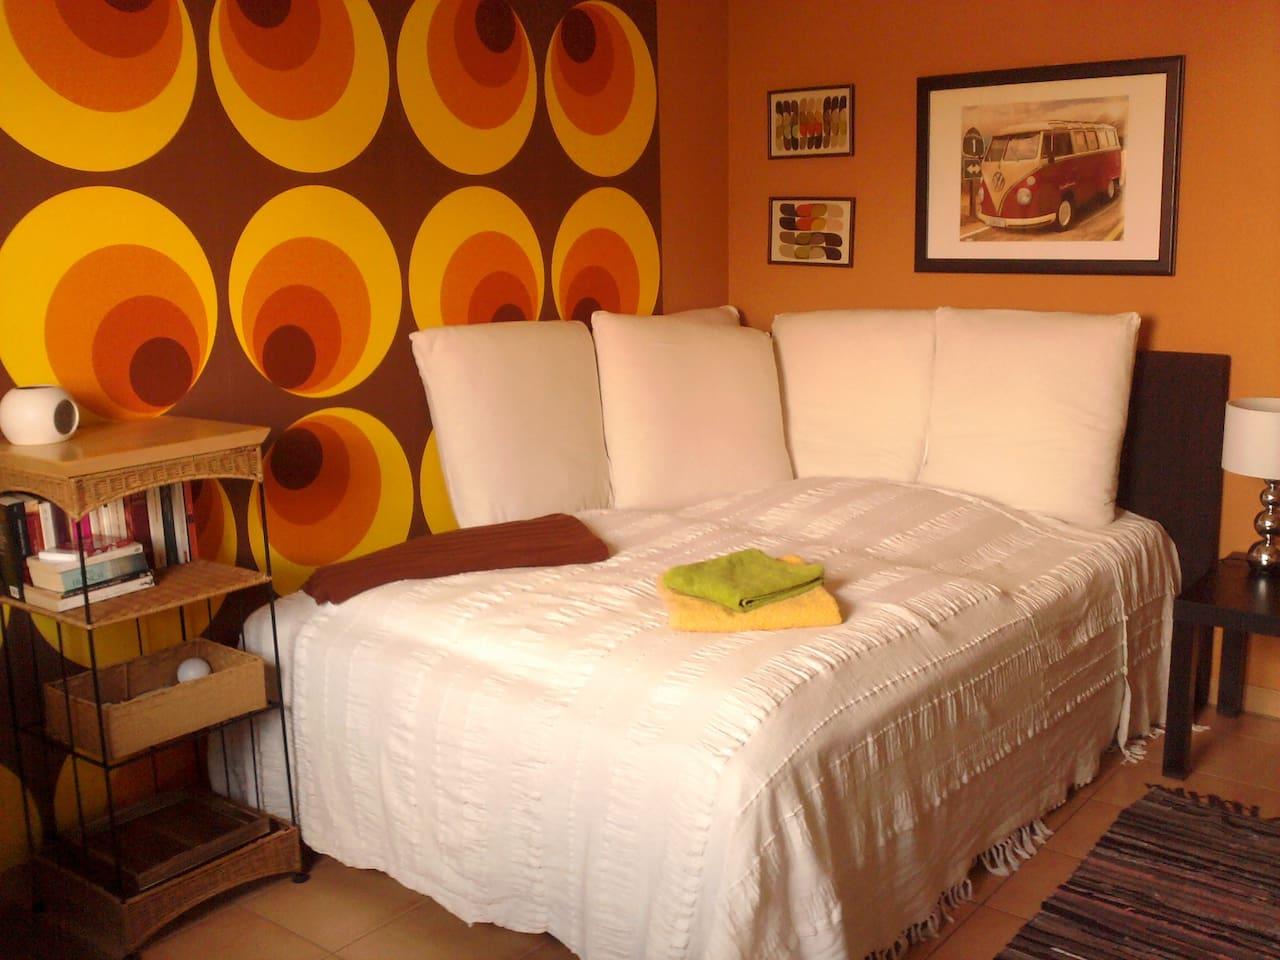 dein Bett: 140 breit, nicht nur zum Schlafen, sondern auch als Riesensofa geeignet / your bed: 140 cms wide, not only a place to sleep but also a huge sofa!